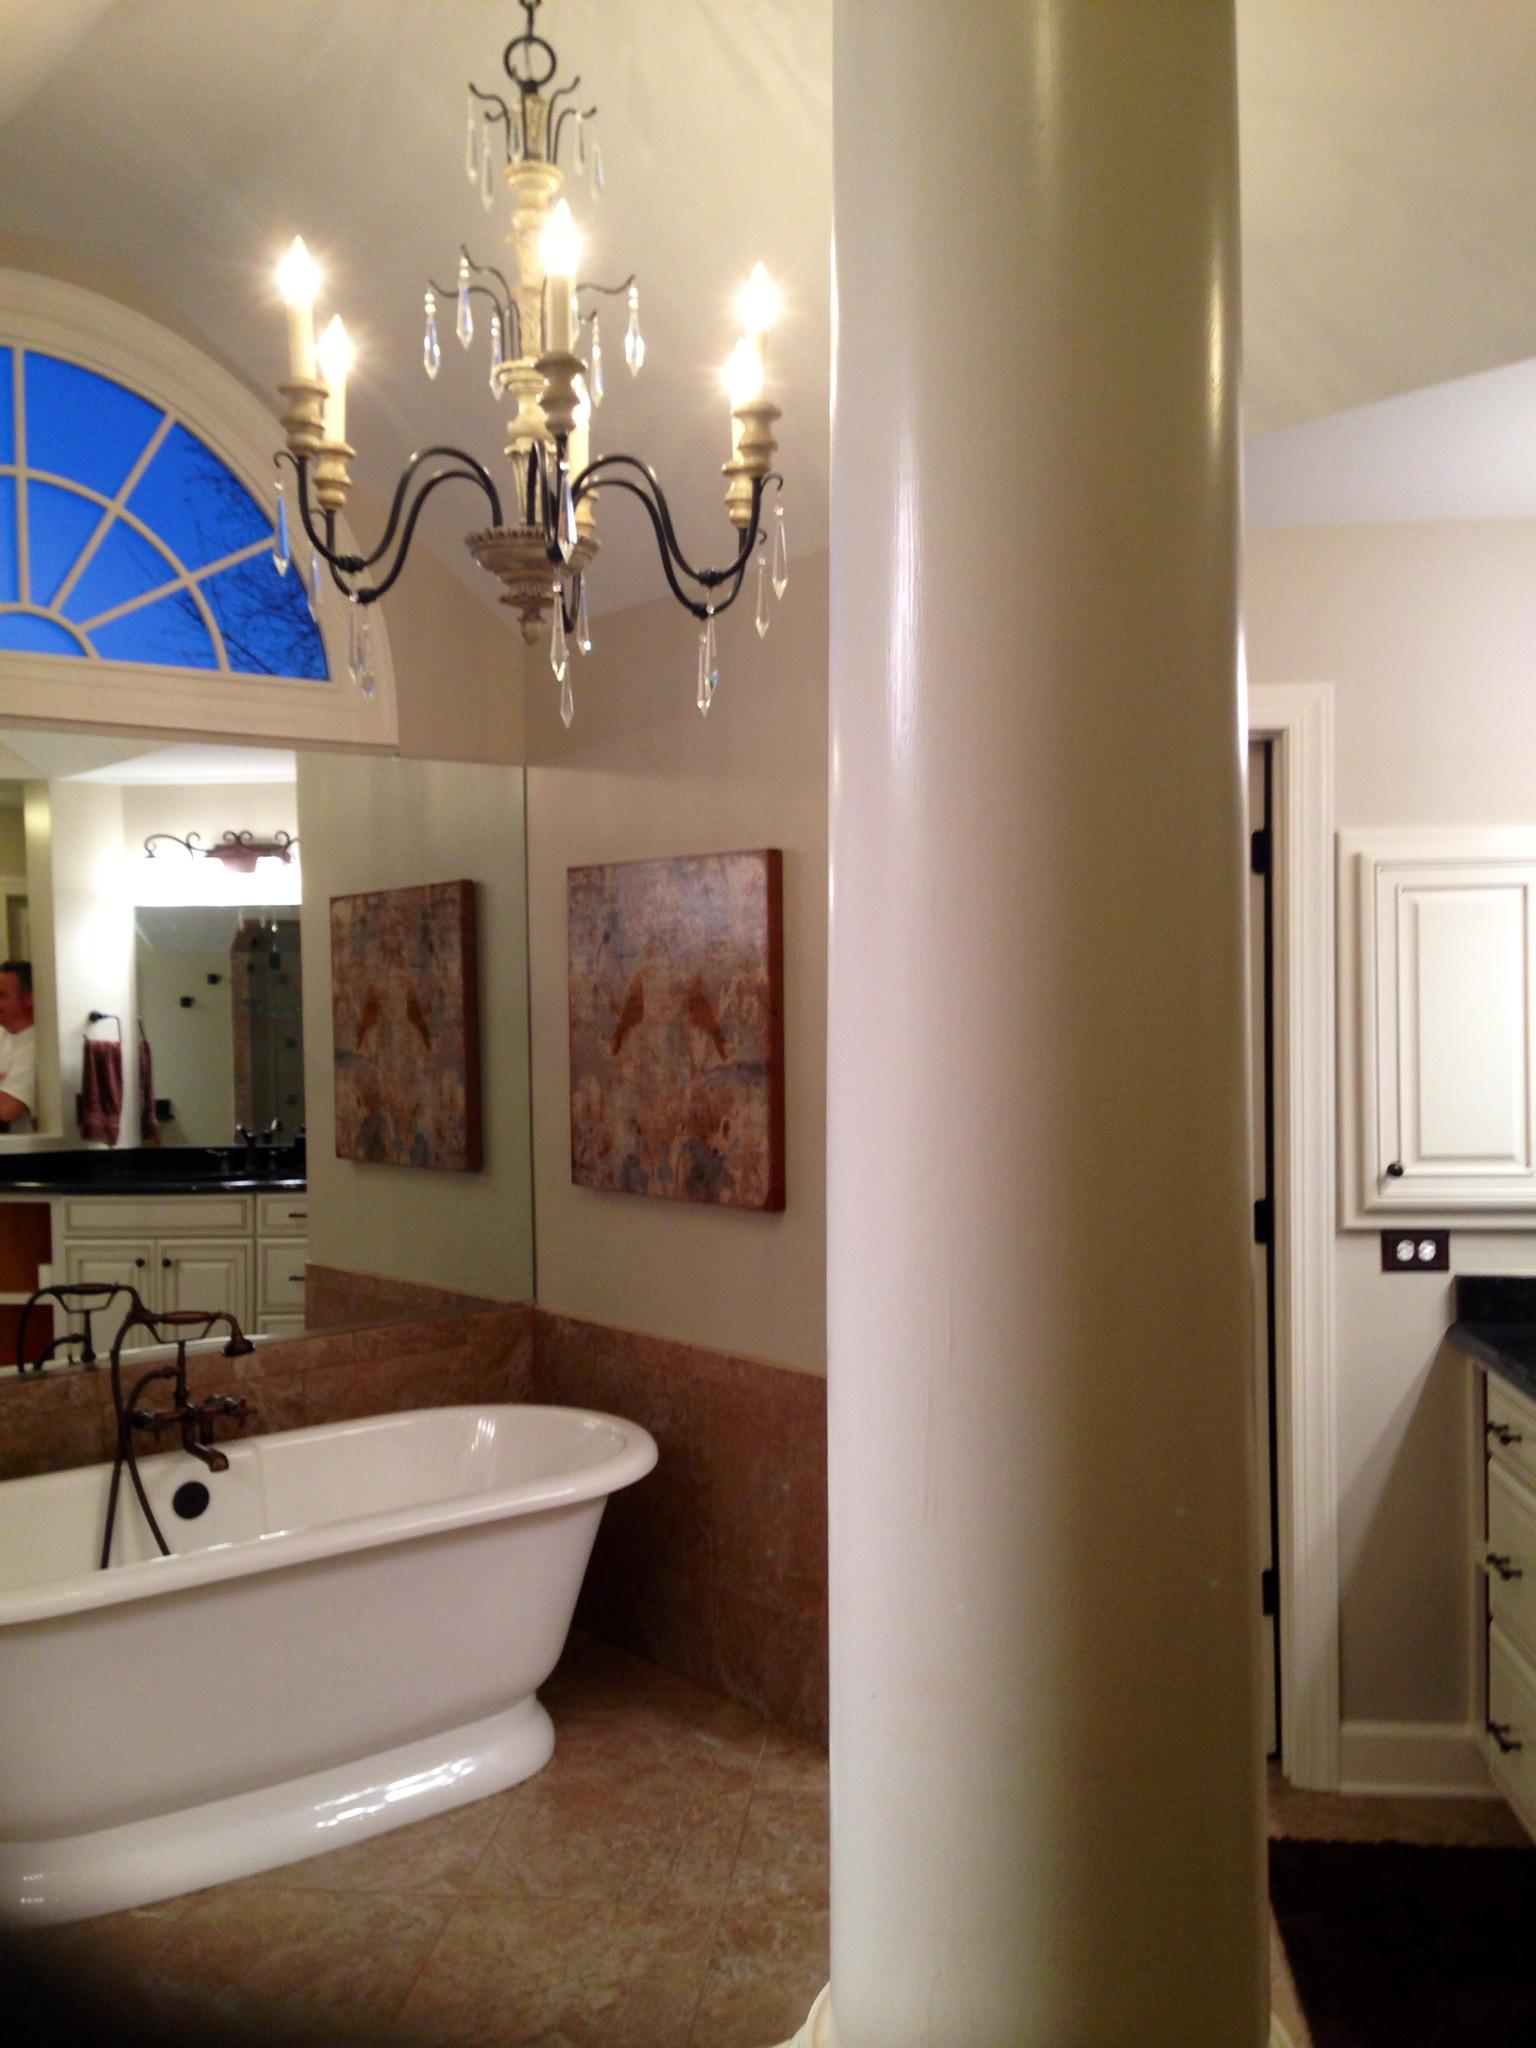 Bathroom Remodeling Charlotte Nc Home Bathroom Remodeling Ideas - Bathroom remodel cost charlotte nc